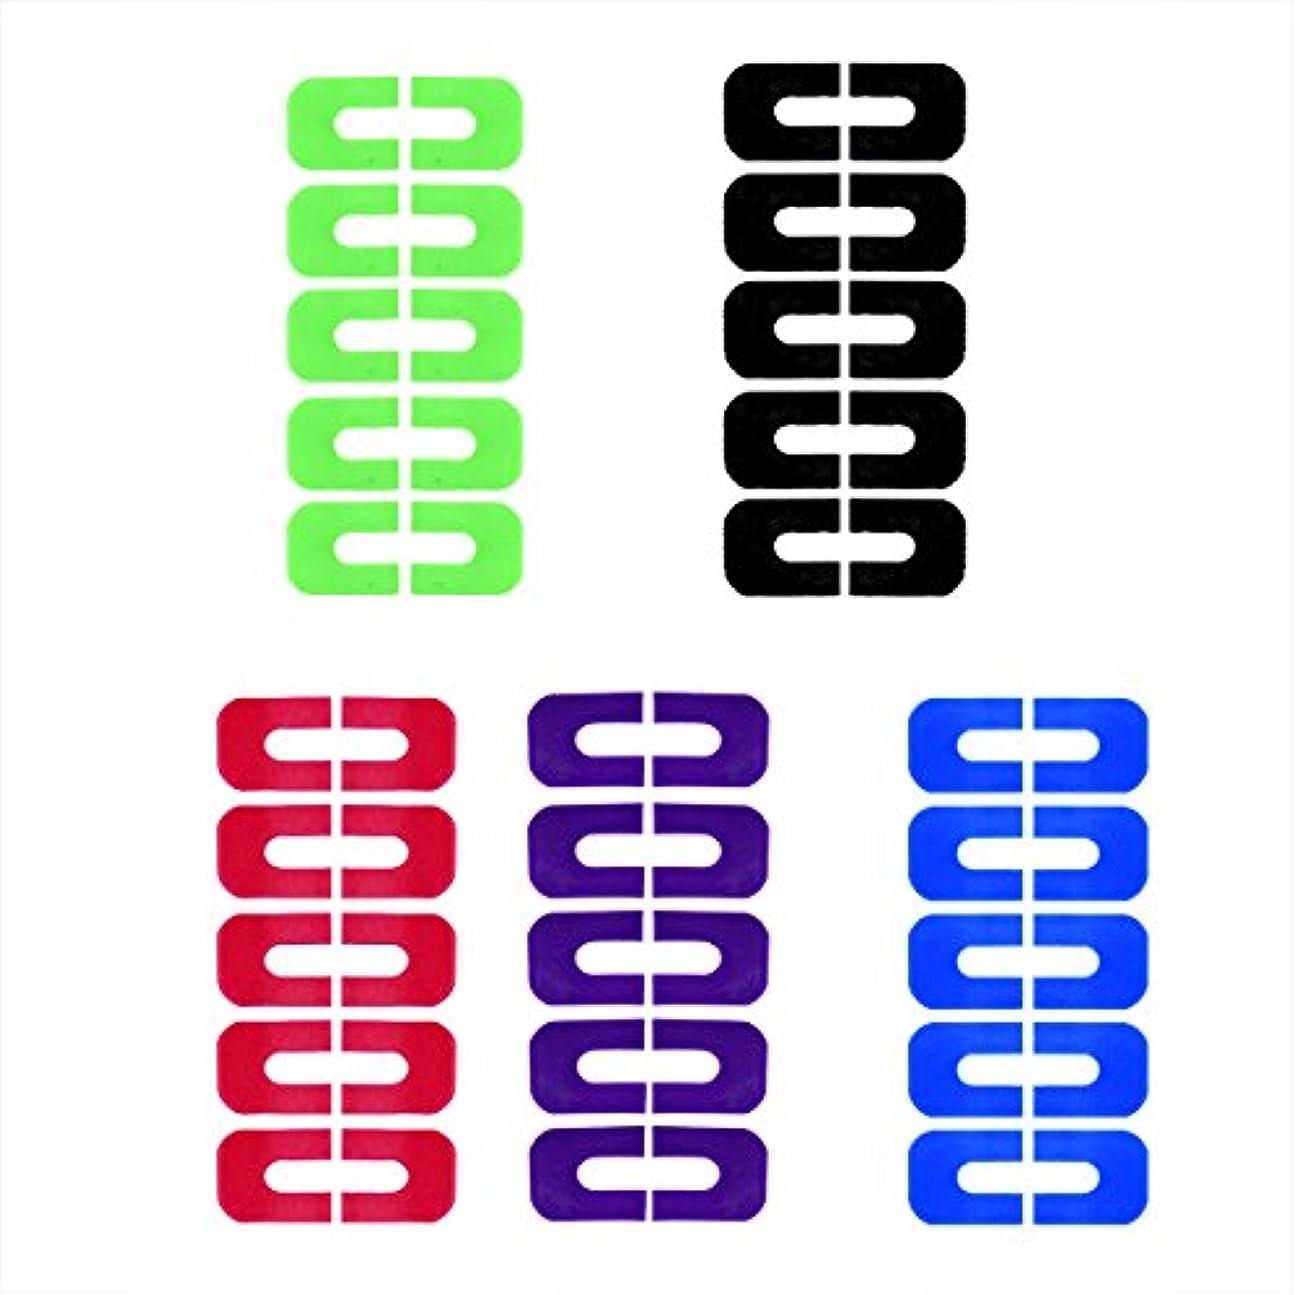 スリチンモイ発生器我慢するGoshang ネイルプロテクター ネイルクリップ ピールオフテープ 肌にやさしいシートタイプ 溢れを防止 5枚セット スタンピングプレートツール